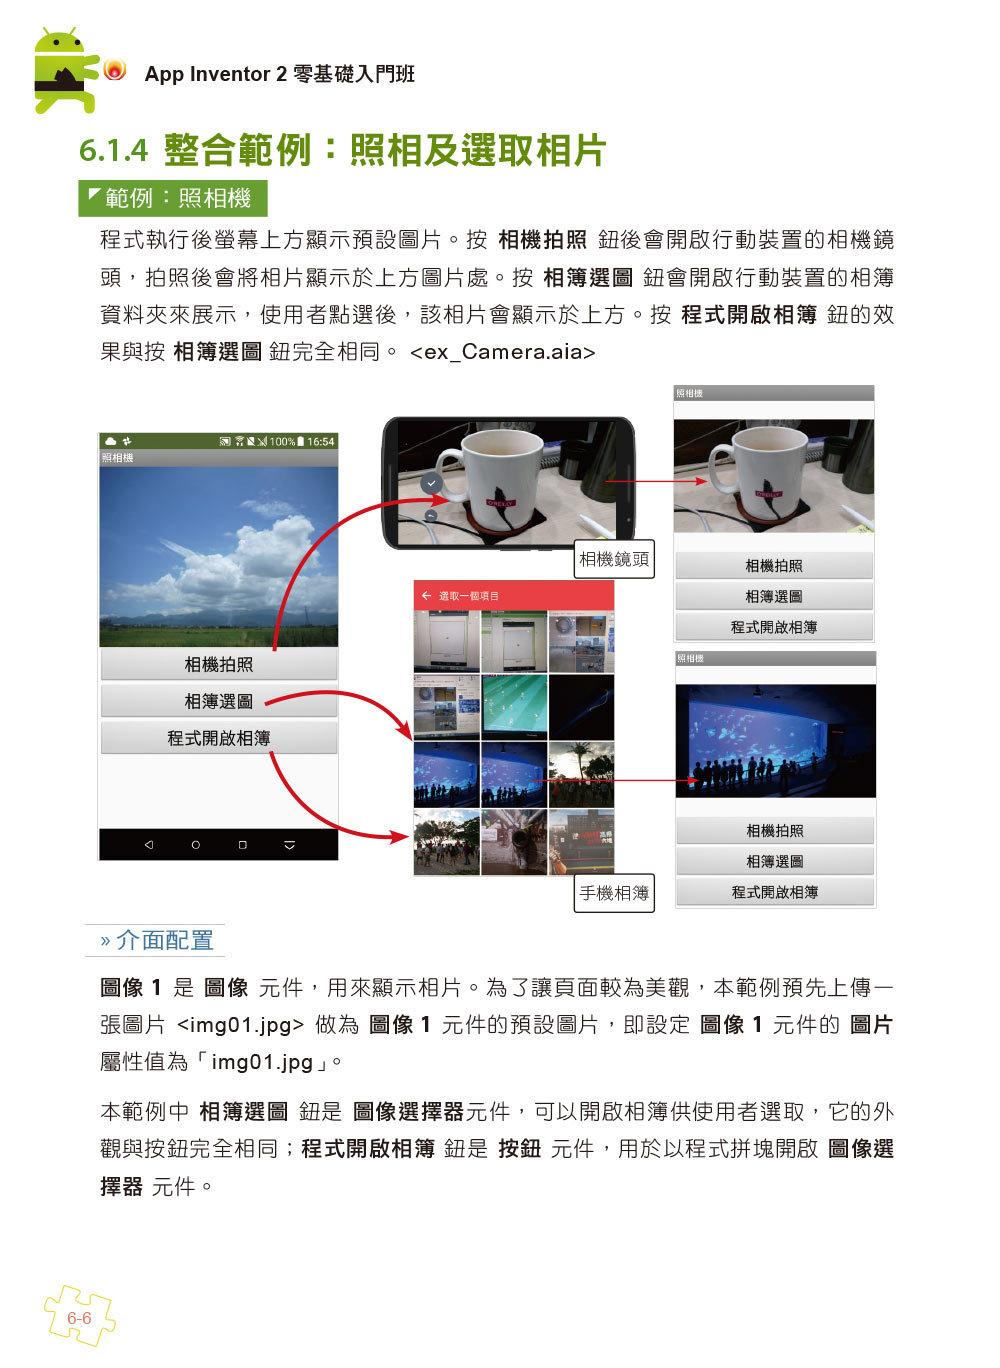 手機應用程式設計超簡單--App Inventor 2零基礎入門班(中文介面第四版)(附入門影音/範例)-preview-1